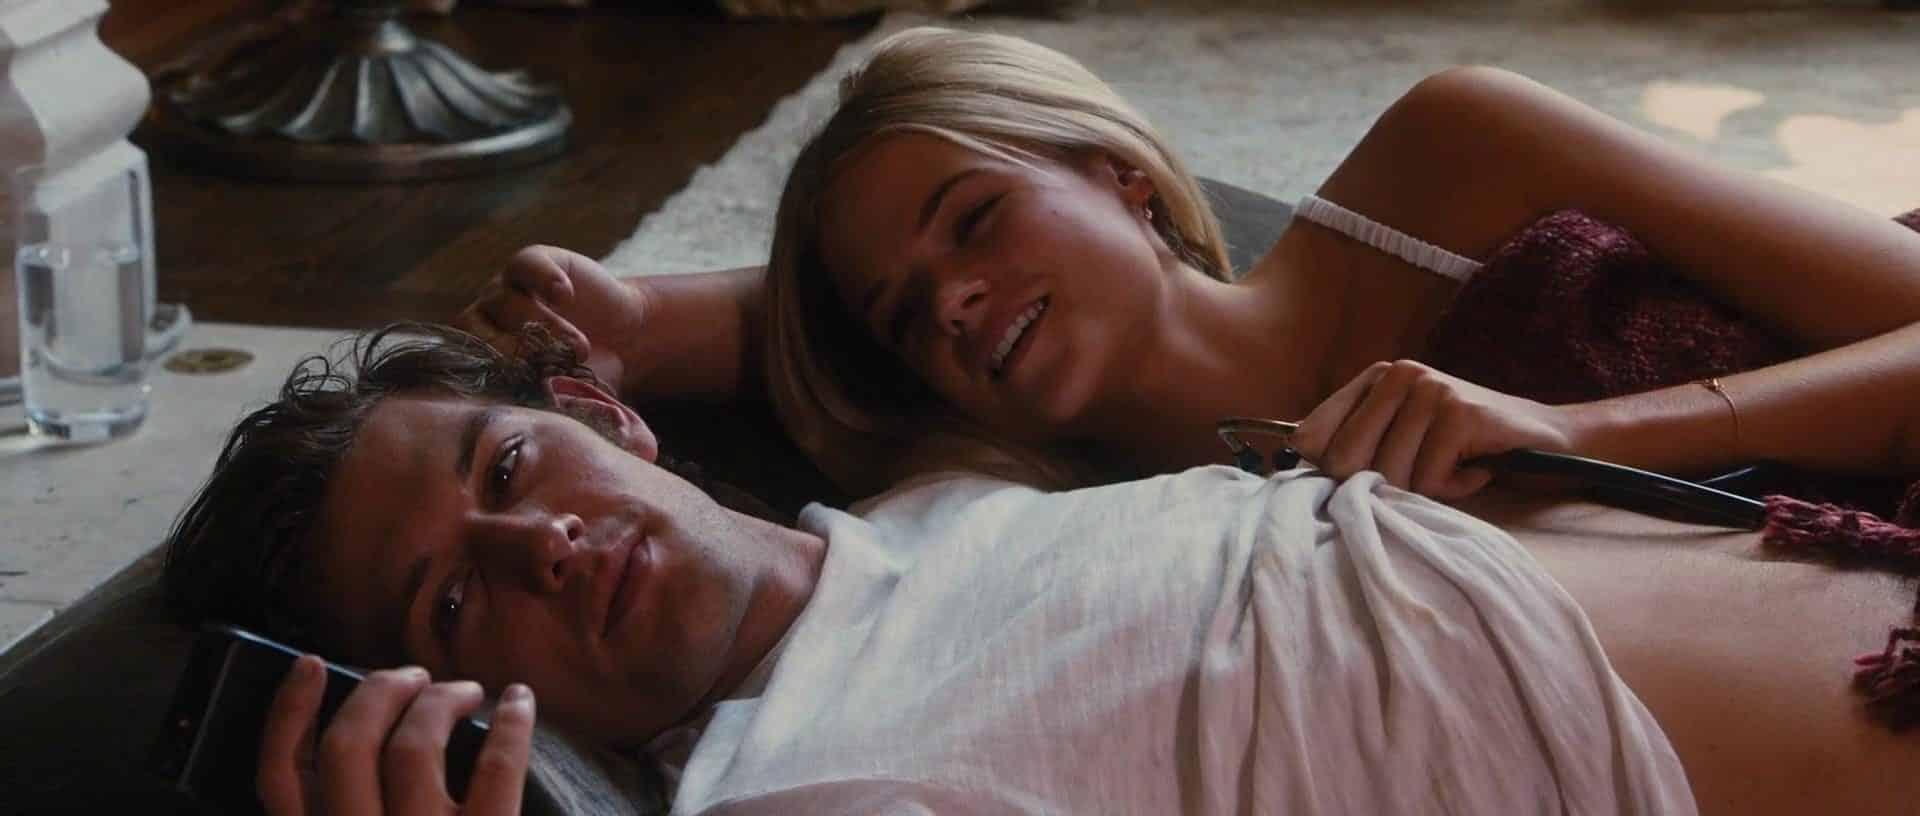 Un amore senza fine le frasi pi belle del film for Amore senza fine